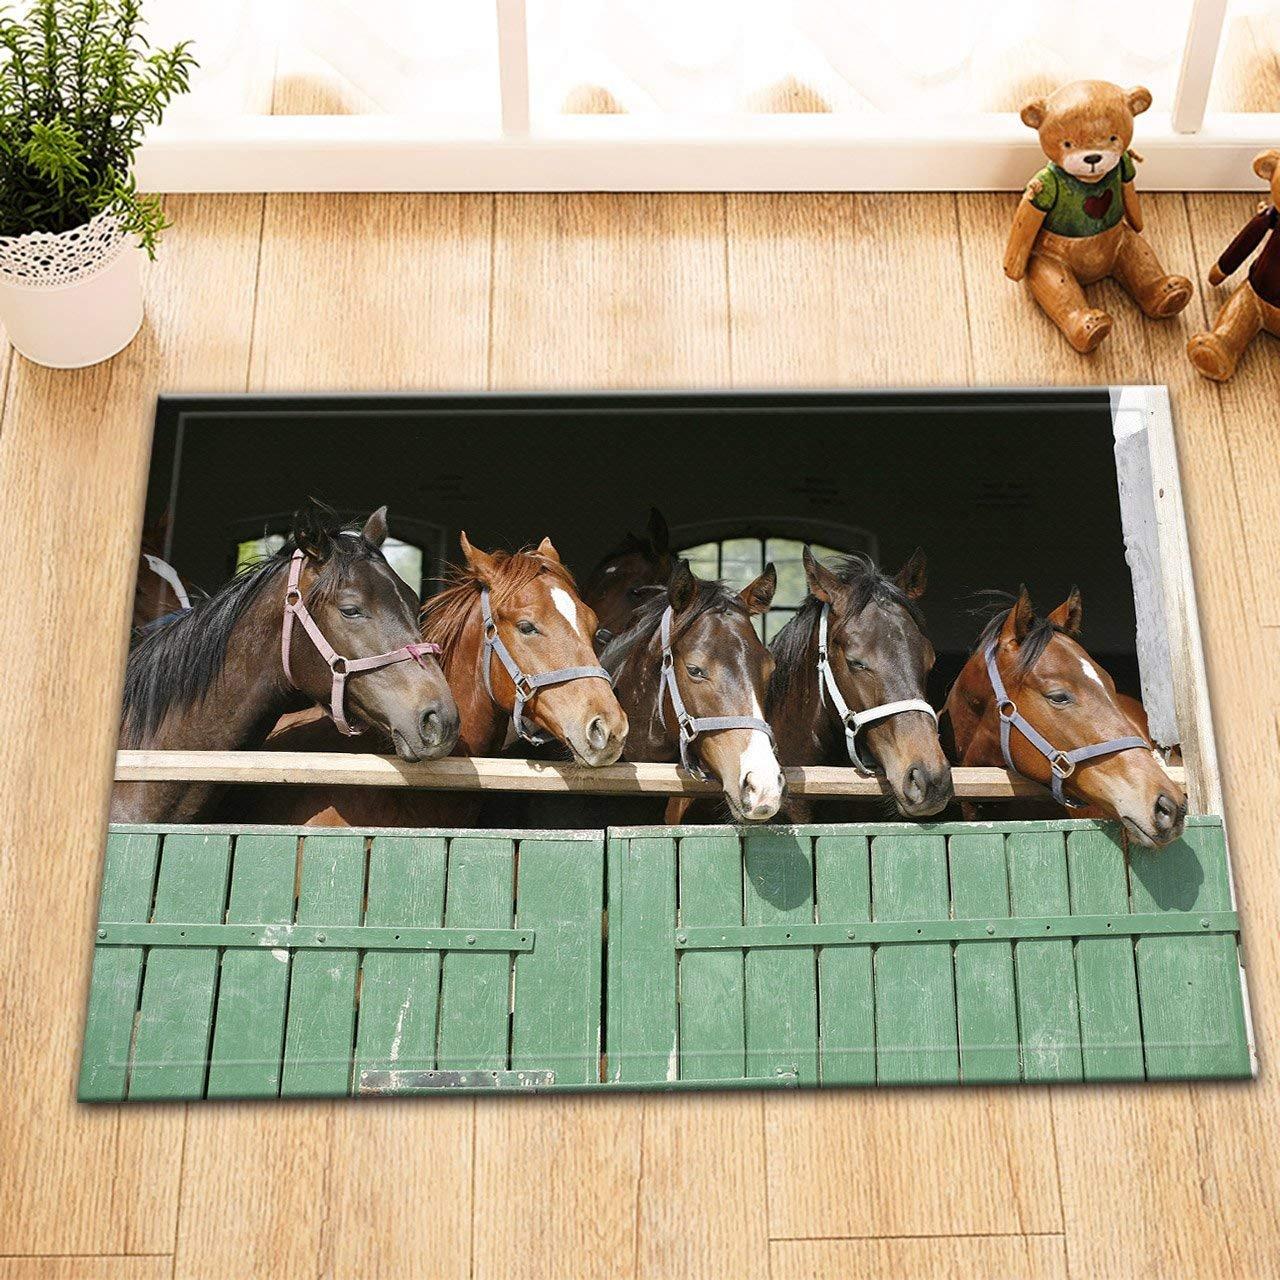 HXY-270 V2220 A Caballo Animal Caballo Cobertizos Lavable Alfombrilla para Puerta Accesorio de Cocina Dormitorio Cuarto de baño 60 x 40 cm: Amazon.es: Hogar